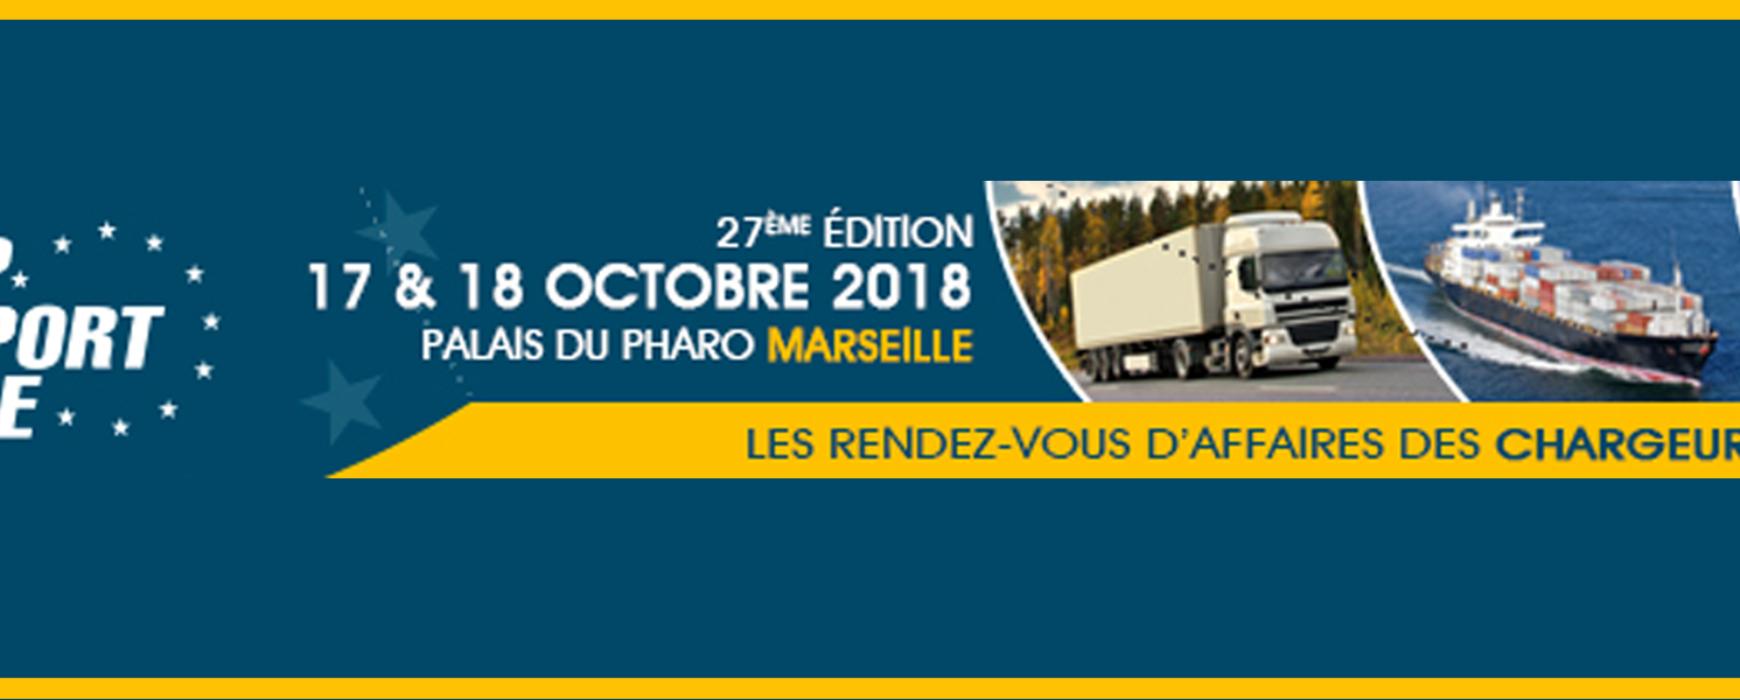 Un besoin en transport & logistique ? Venez nous rencontrer au salon Top Transport Europe les 17 et 18 octobre 2018.